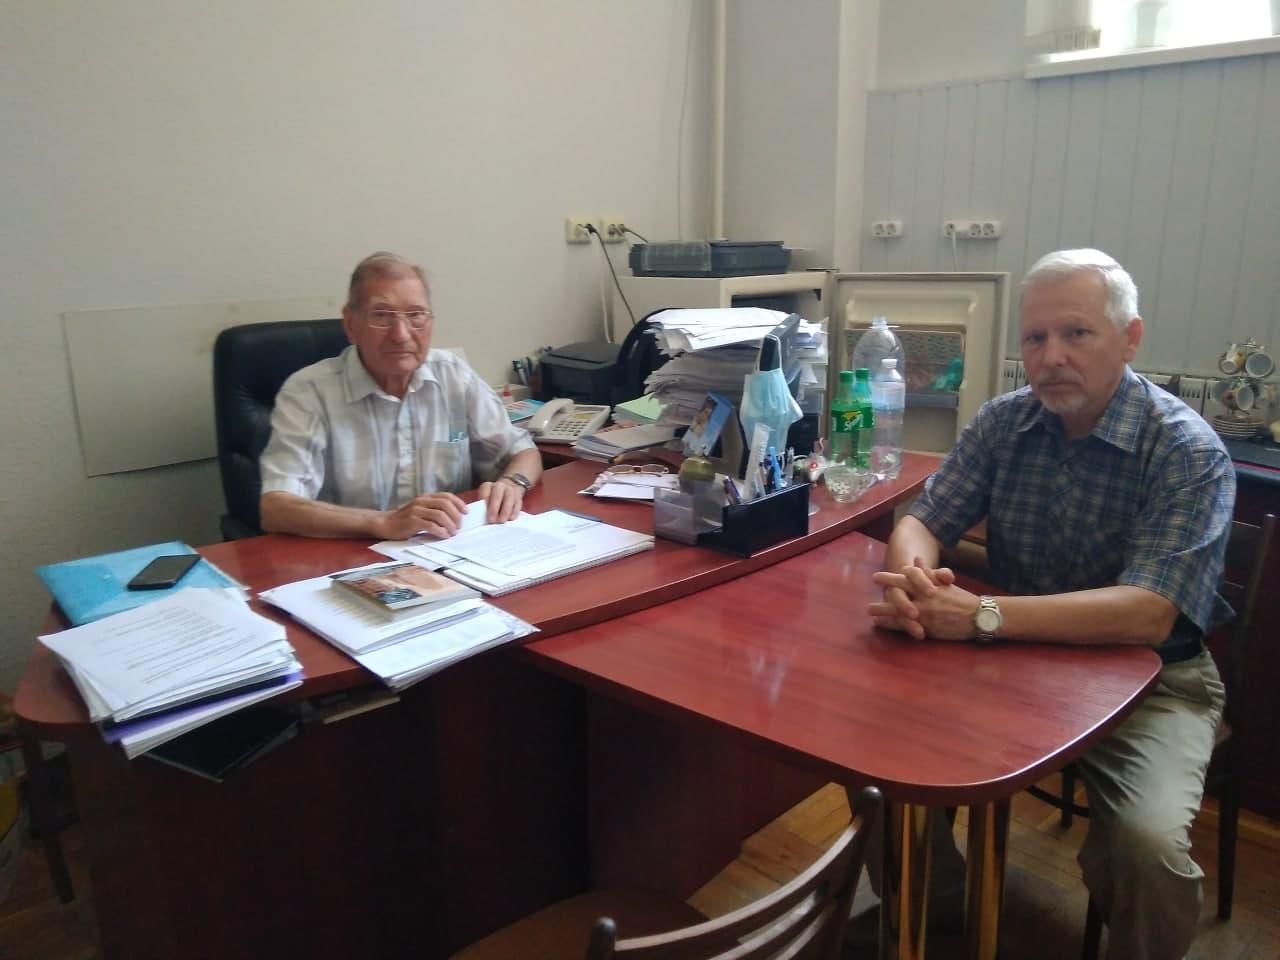 На кафедрі КІТАМ відбулася зустріч директора з розвитку ТОВ